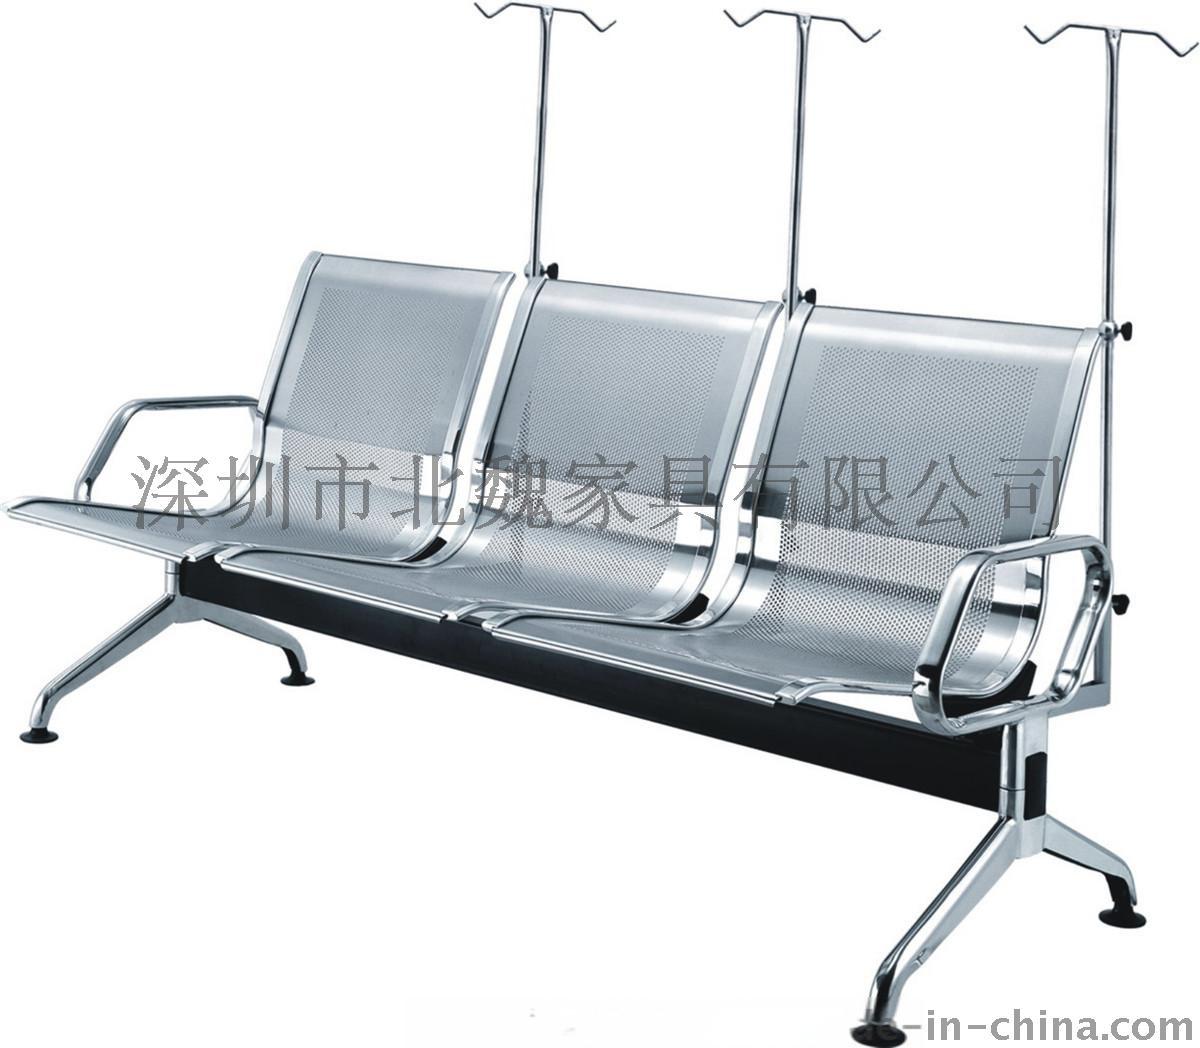 医用输液椅、医用吊针椅、医用挂水椅、不锈钢输液椅、输液椅价格、医院输液椅厂家输液椅图片690176675